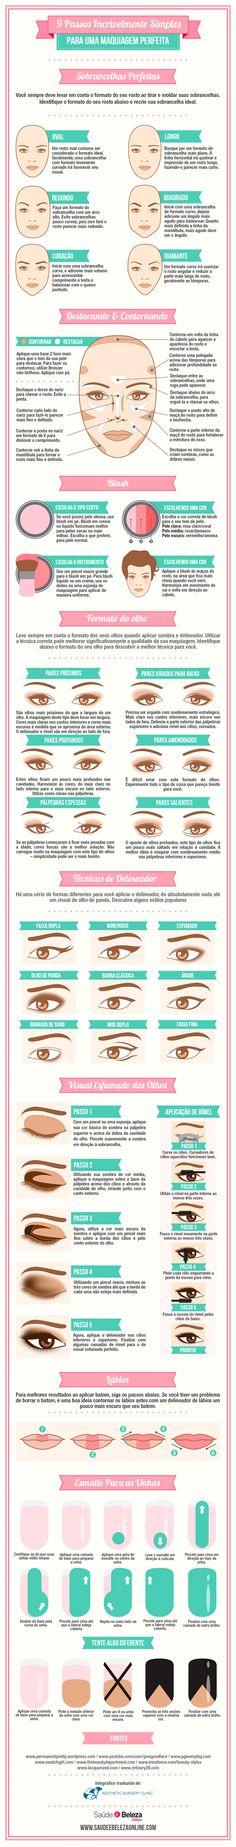 infografico-maquiagem-perfeita